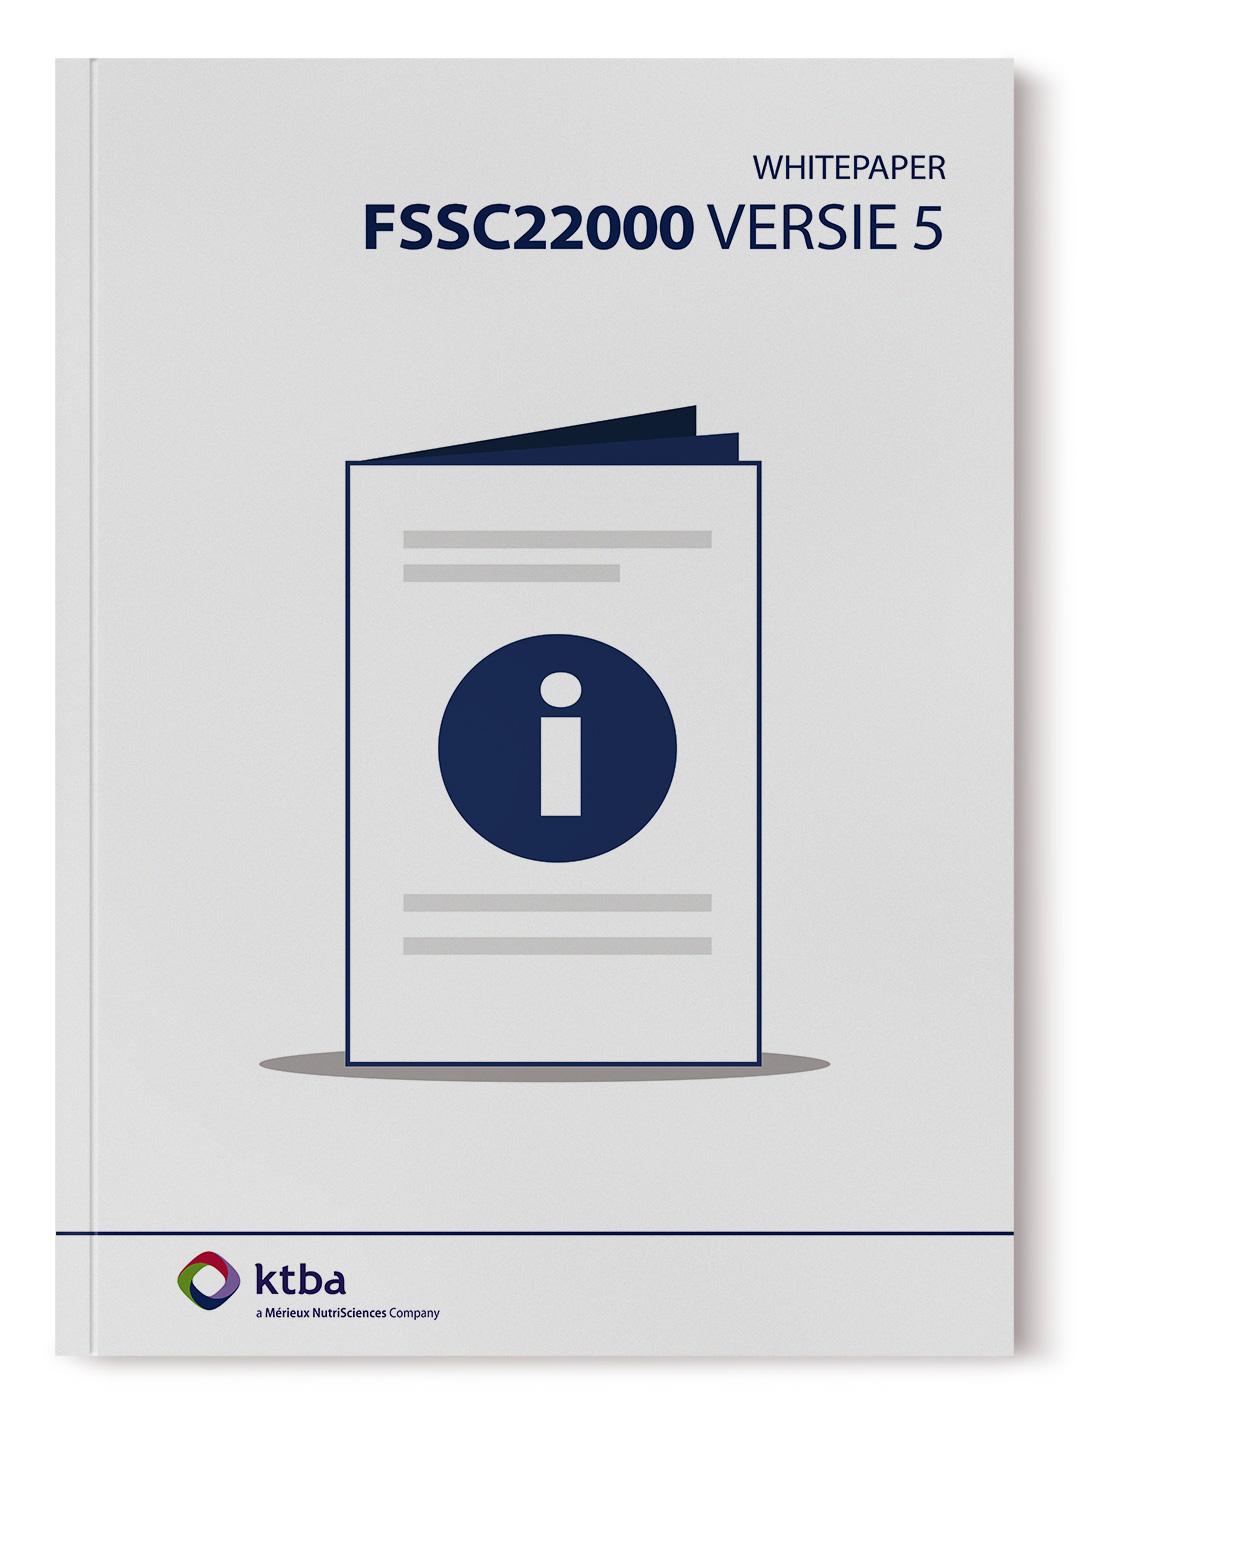 FSSC 22000 versie 5